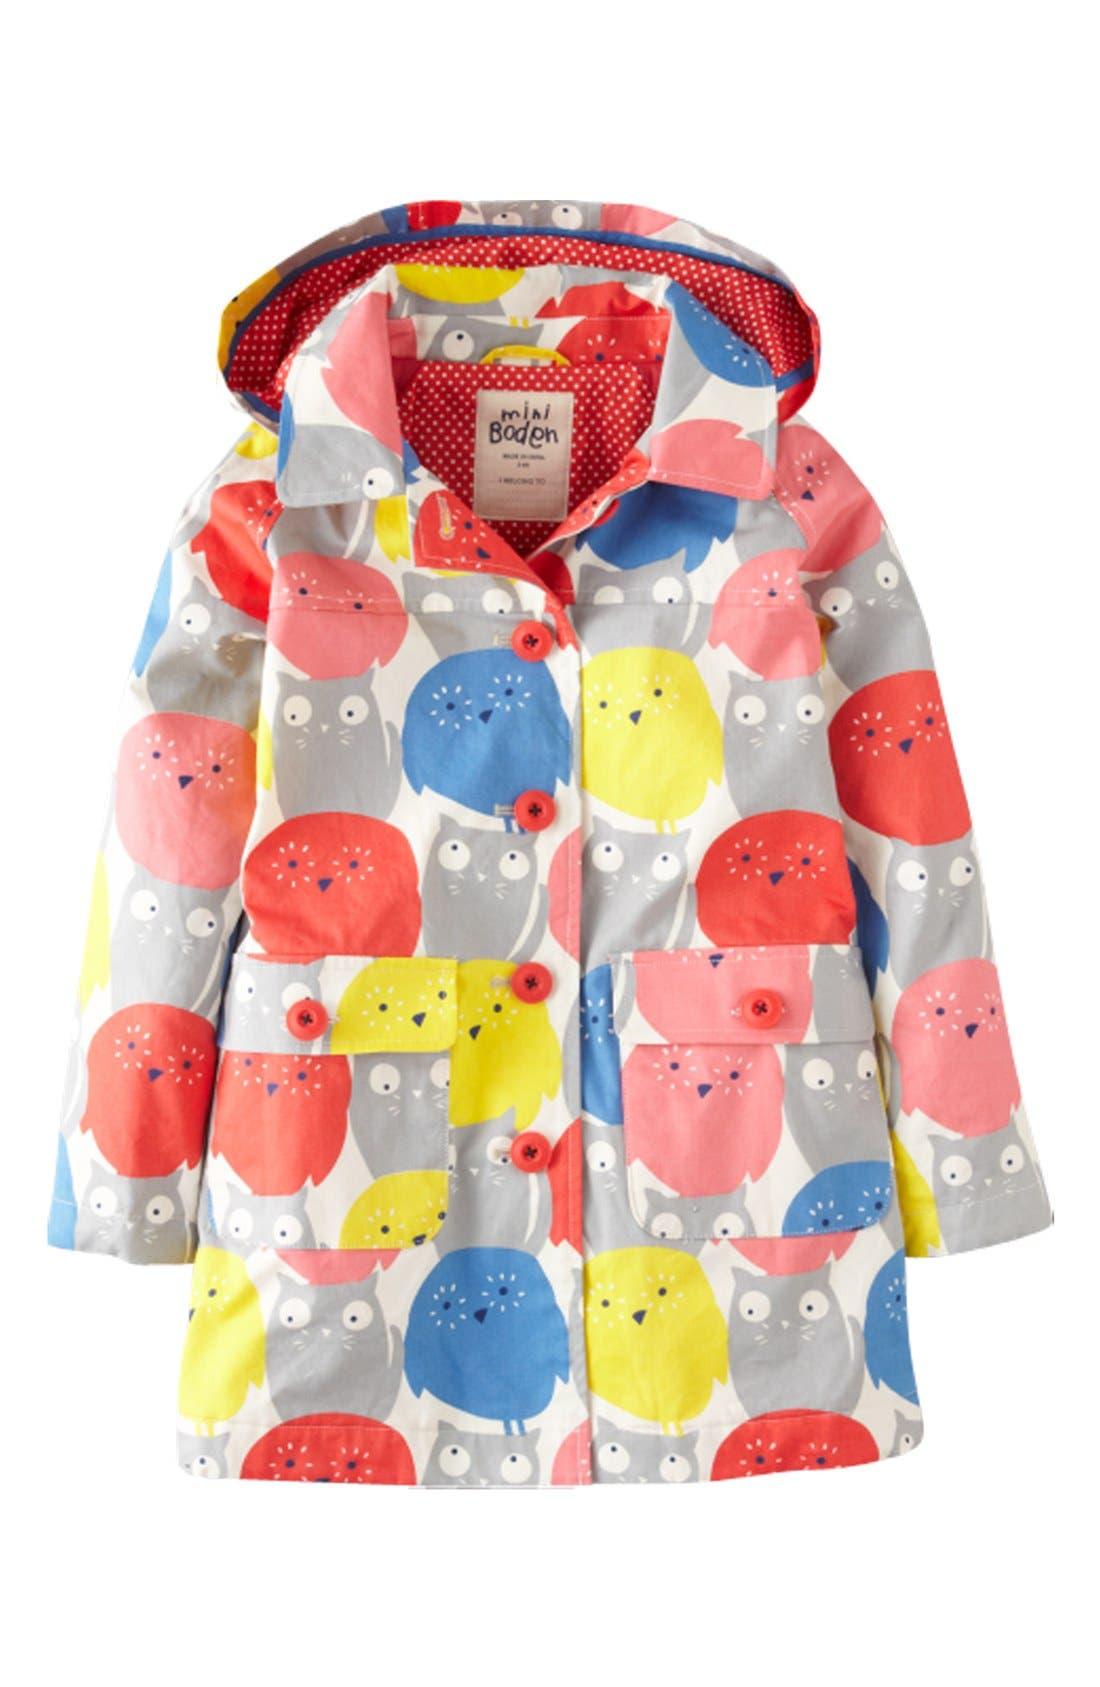 Alternate Image 1 Selected - Mini Boden 'Rainy Day' Raincoat (Toddler Girls, Little Girls & Big Girls)